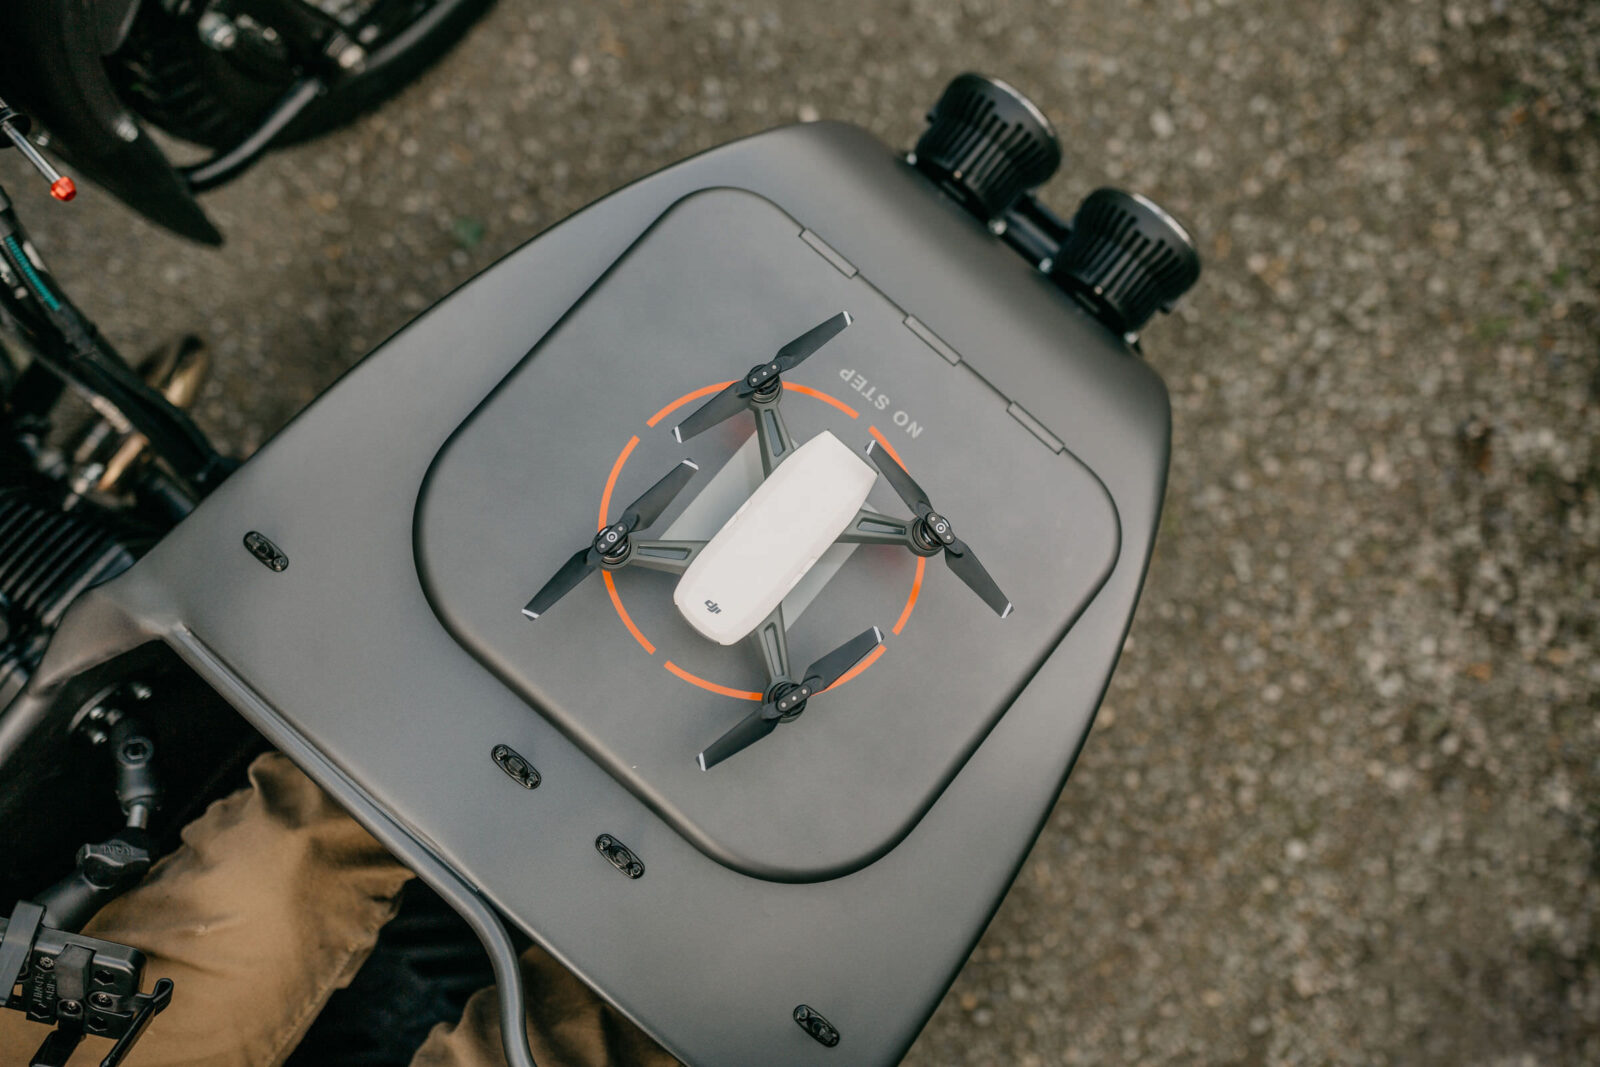 Ural Air LE Sidecar Motorcycle 8